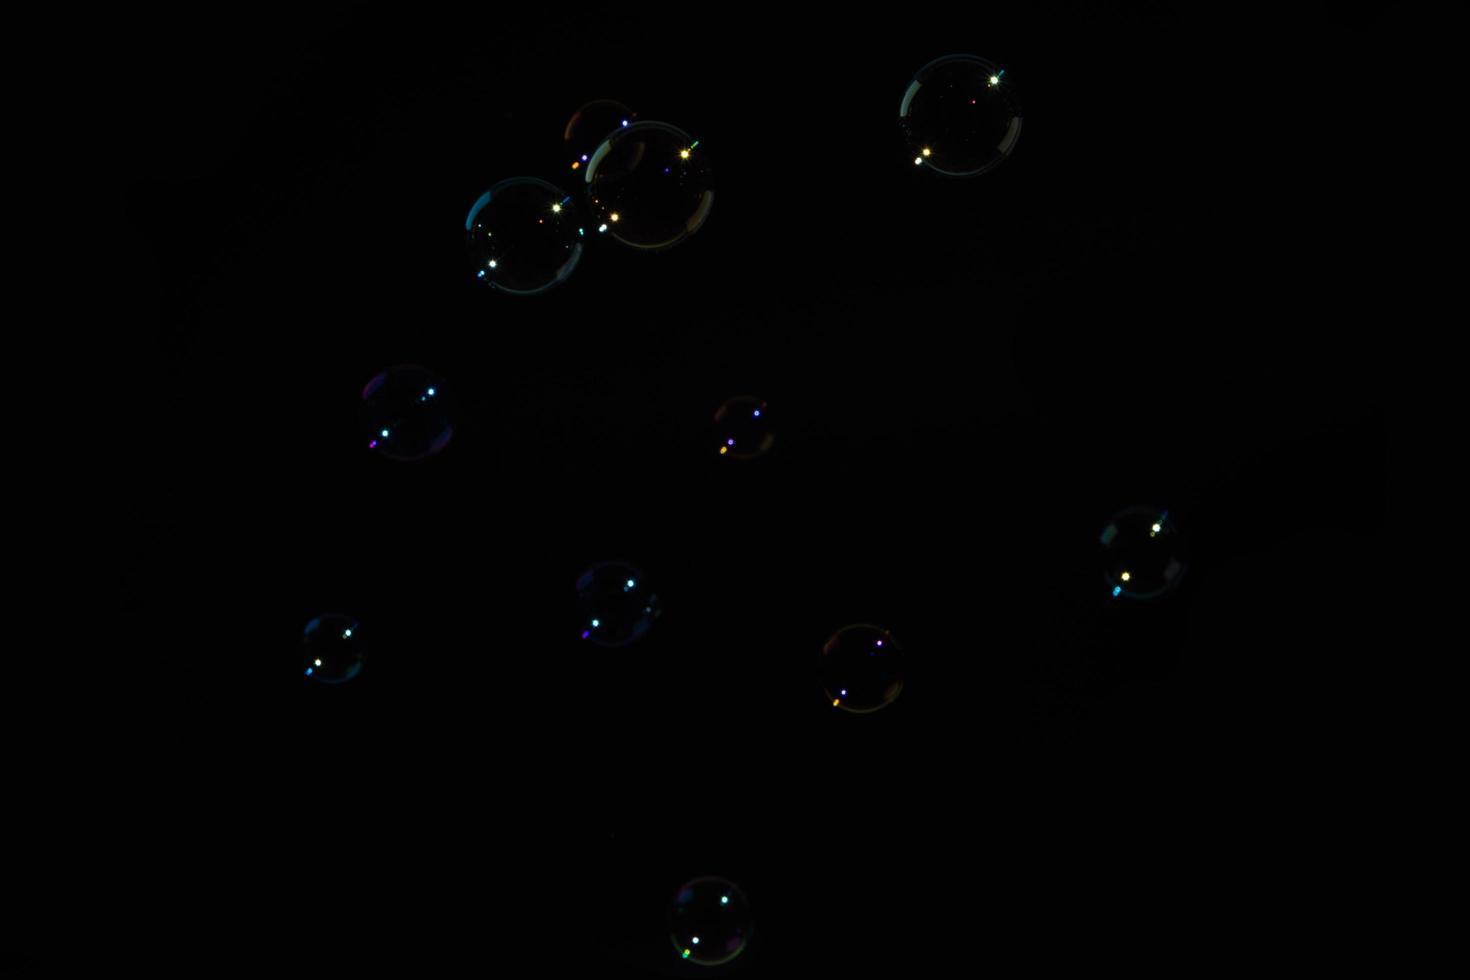 bulles sur fond noir photo